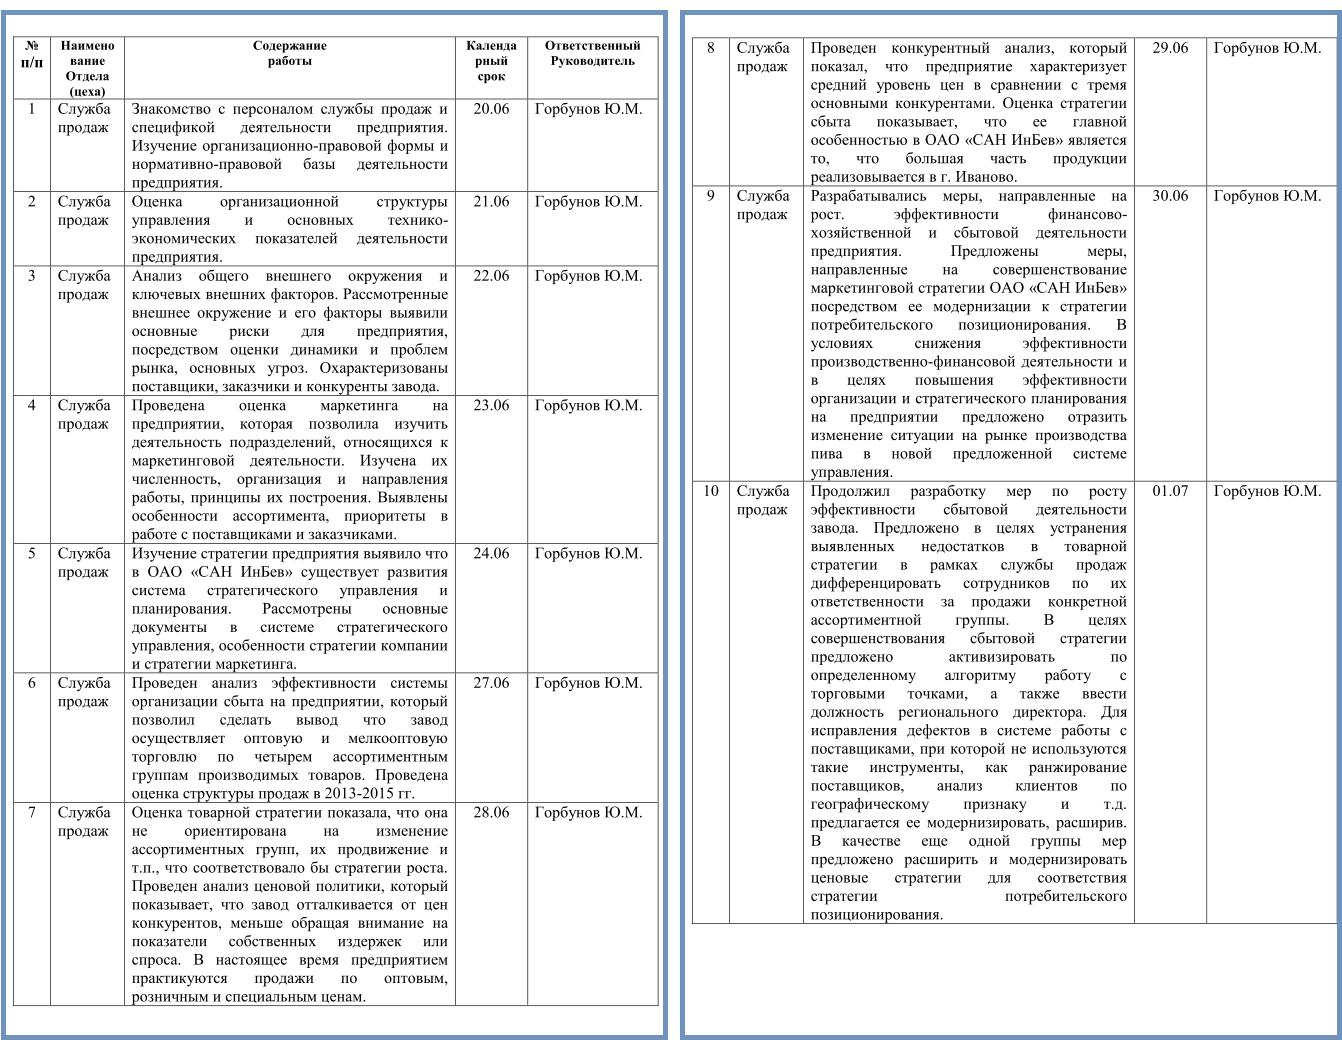 Раздел с исчерпывающей информацией о предприятии